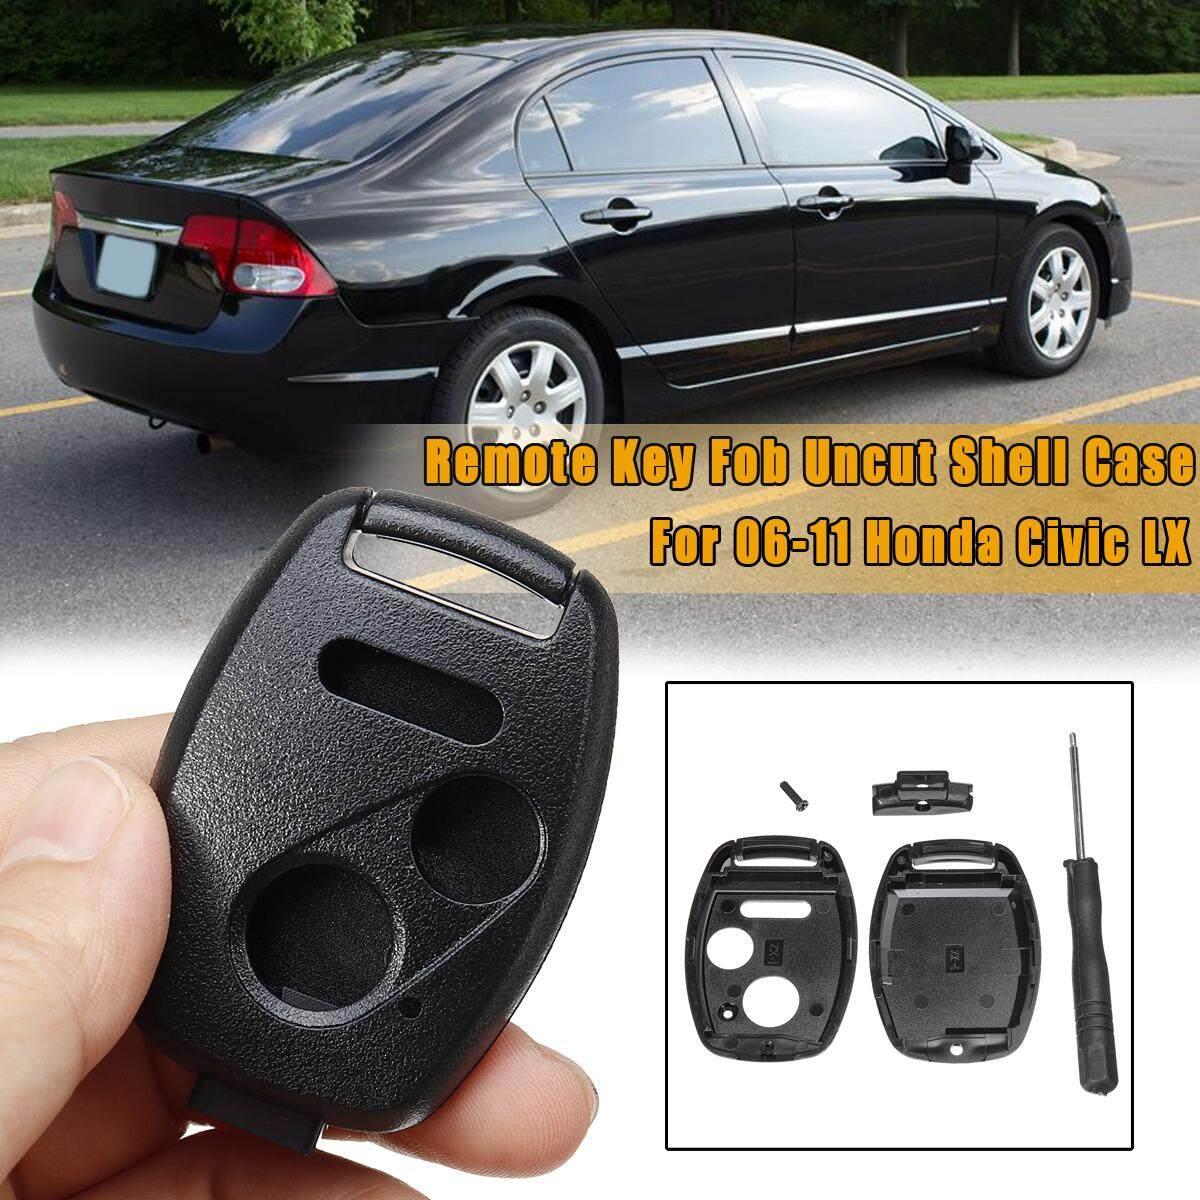 2+Panic Remote Key Fob Case Shell Repair Kit For 06-11 Honda Civic LX No  Blade